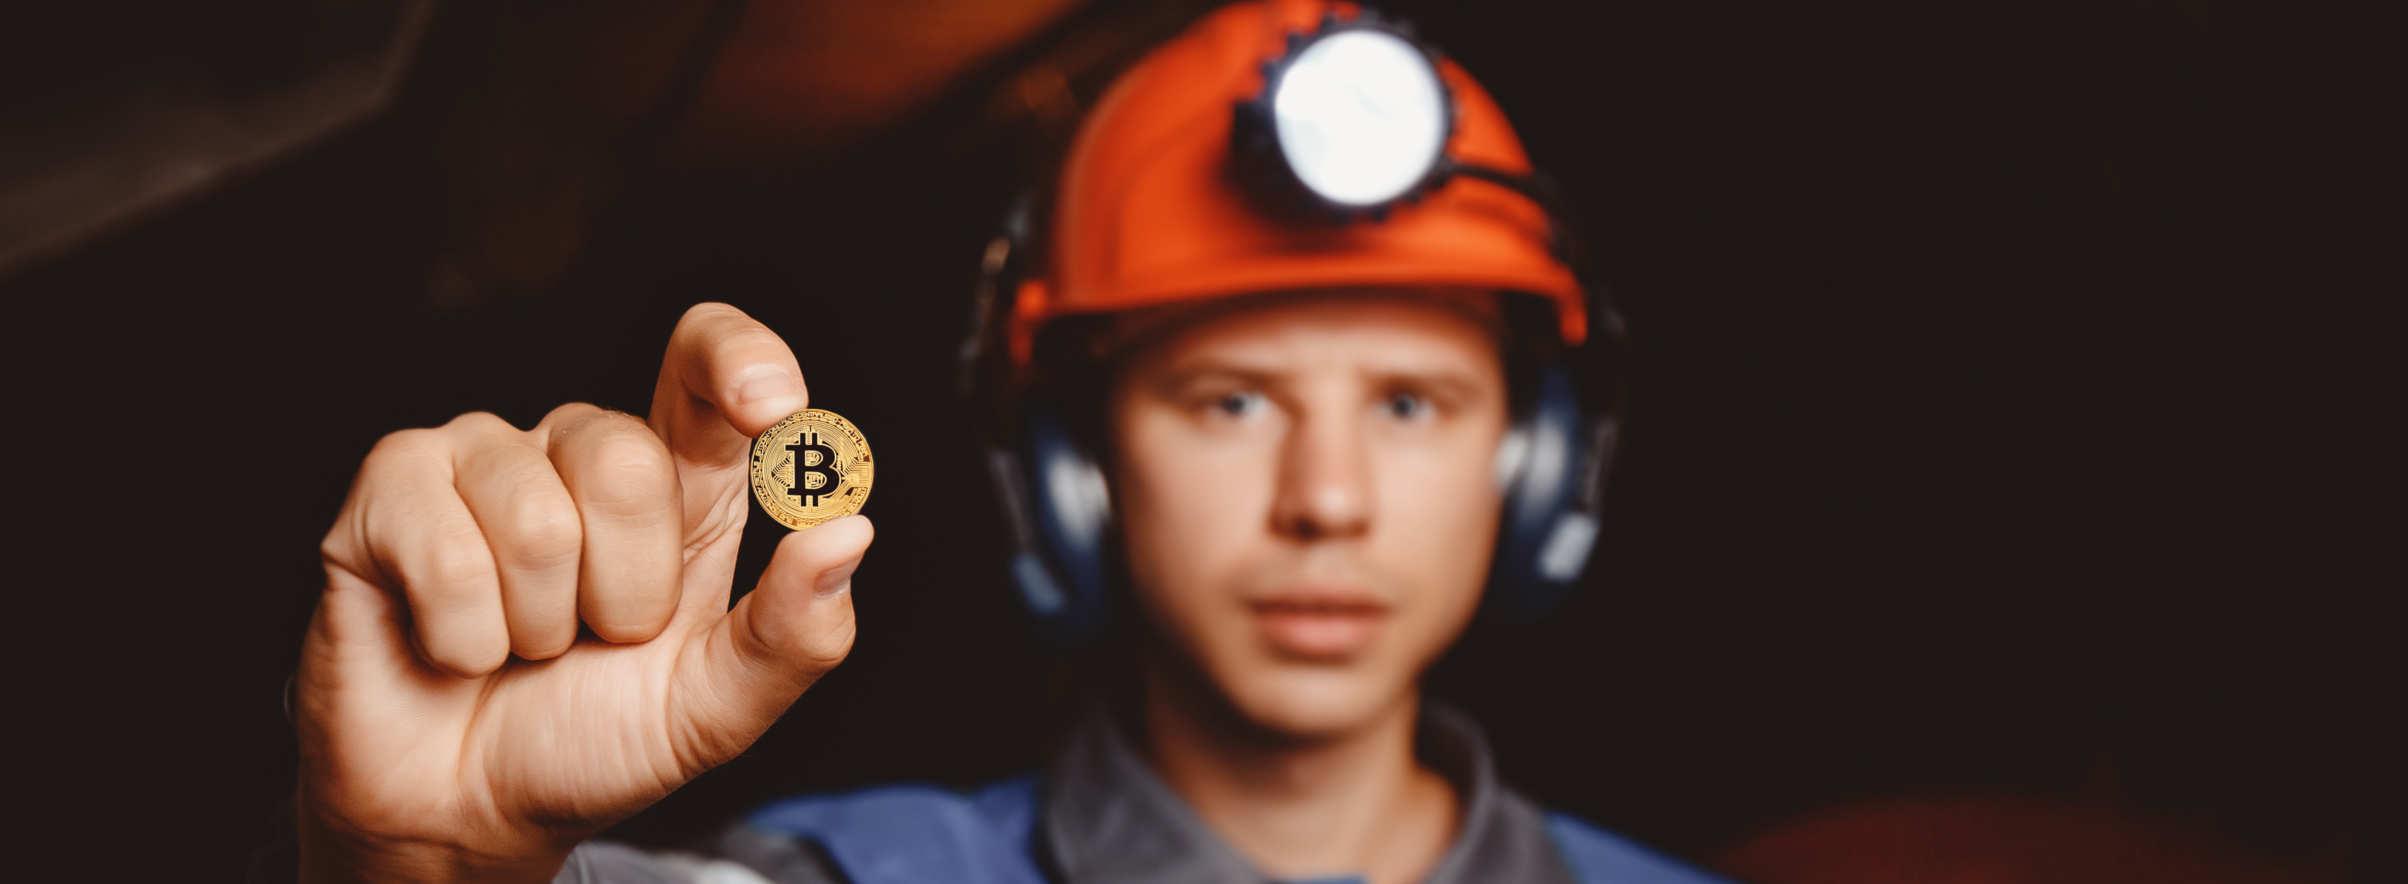 Minerar Bitcoin – Um negócio da China